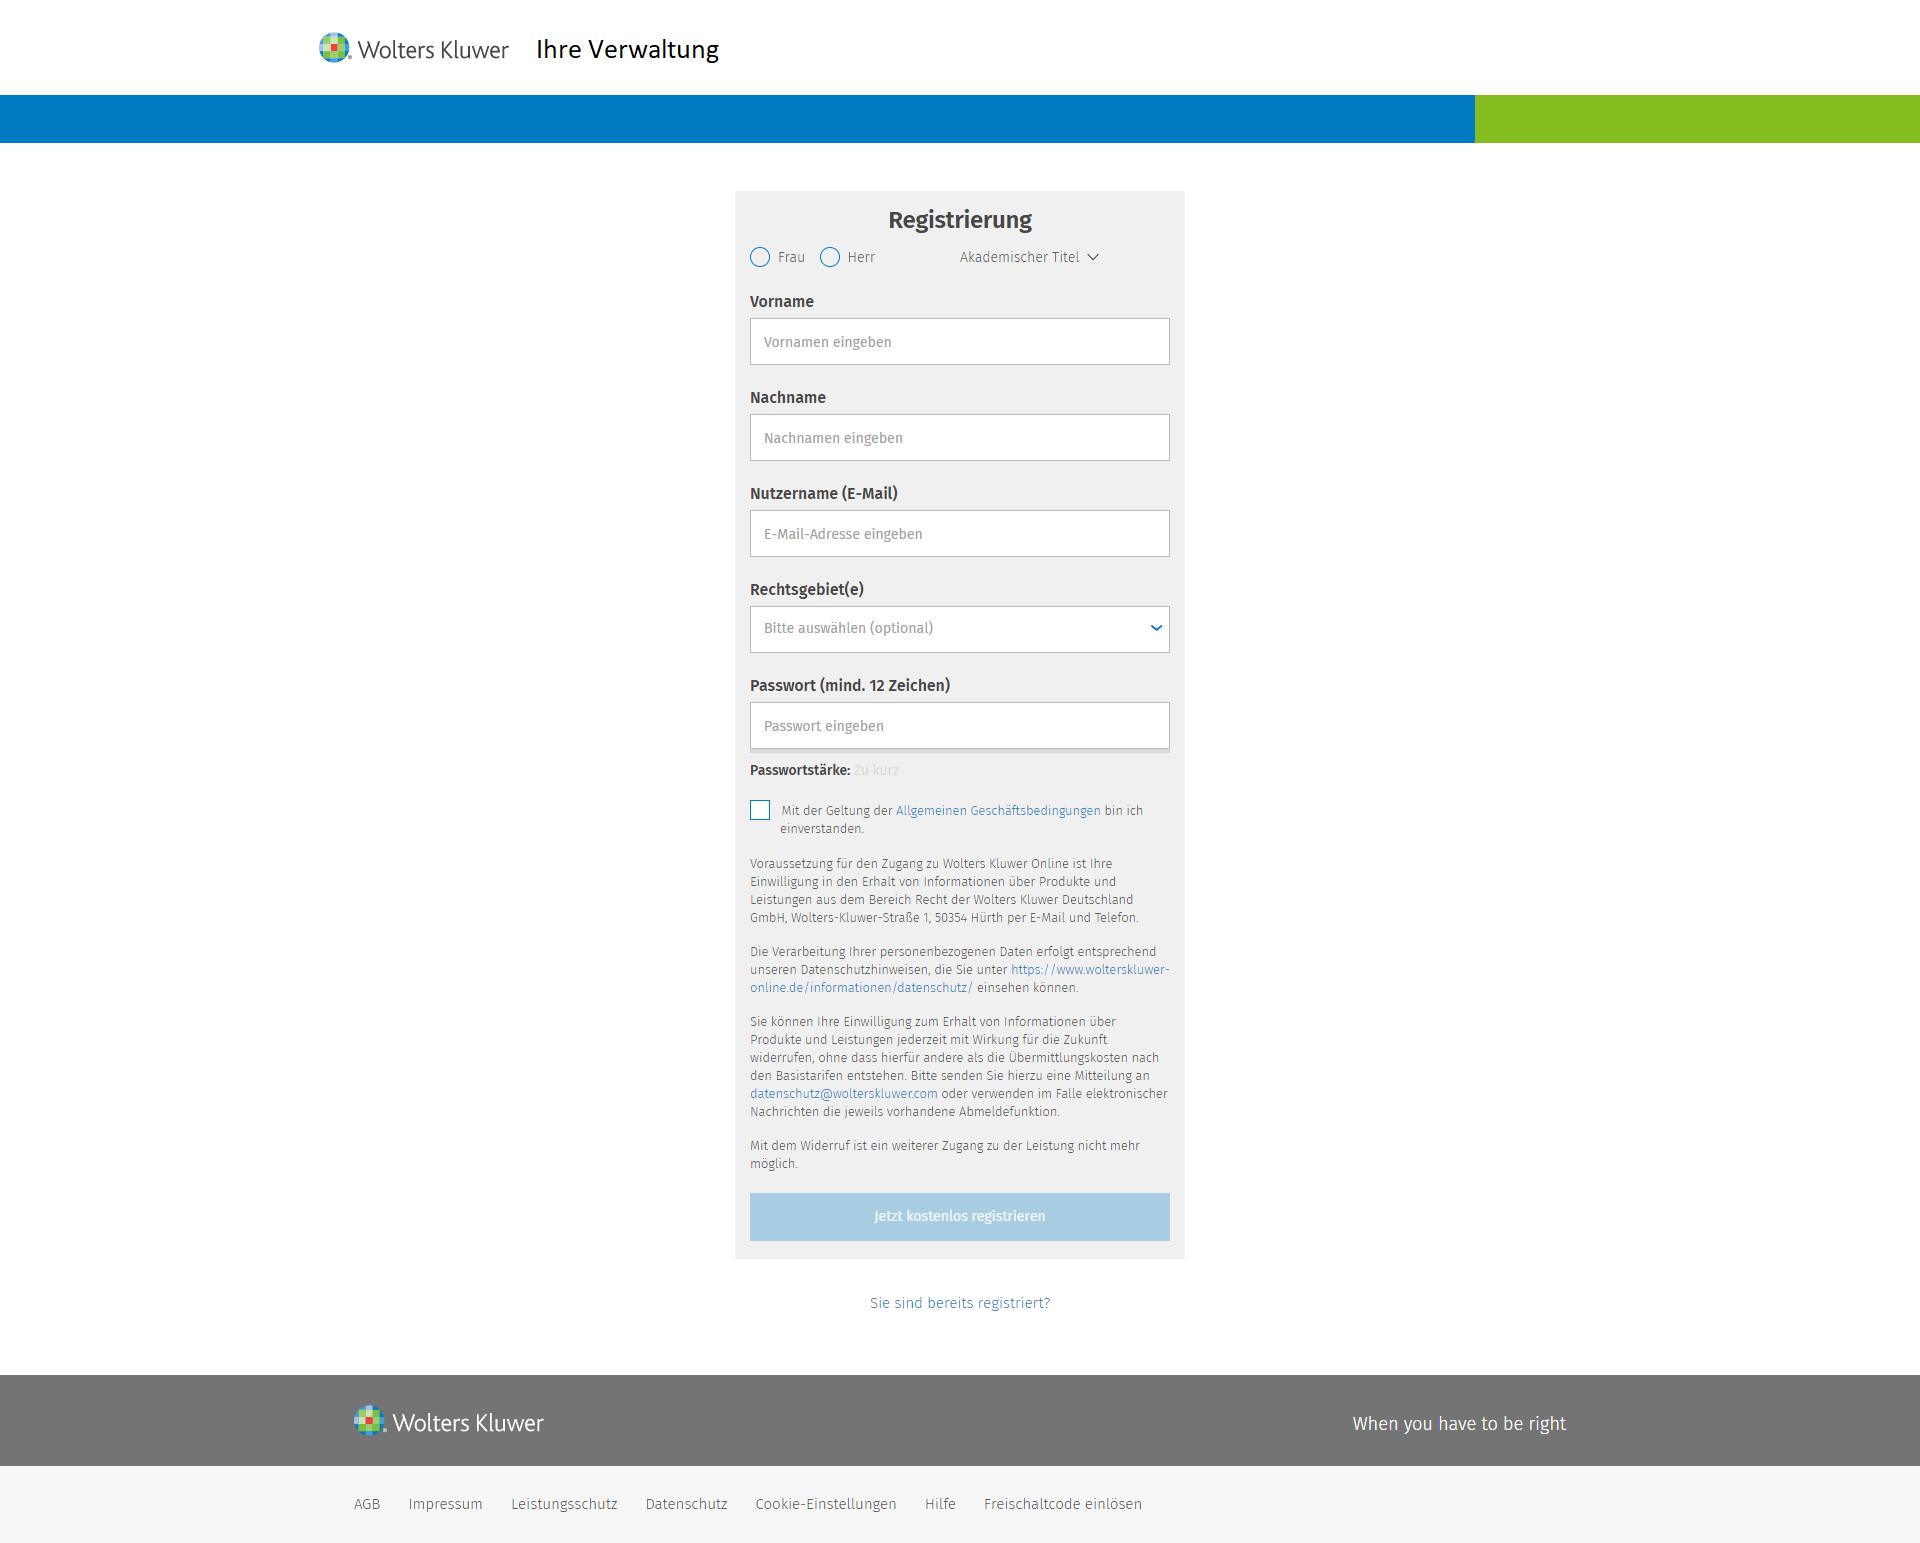 2-Gemeinschaftsaccount-Persnliches-Nutzerkonto-Registrierung